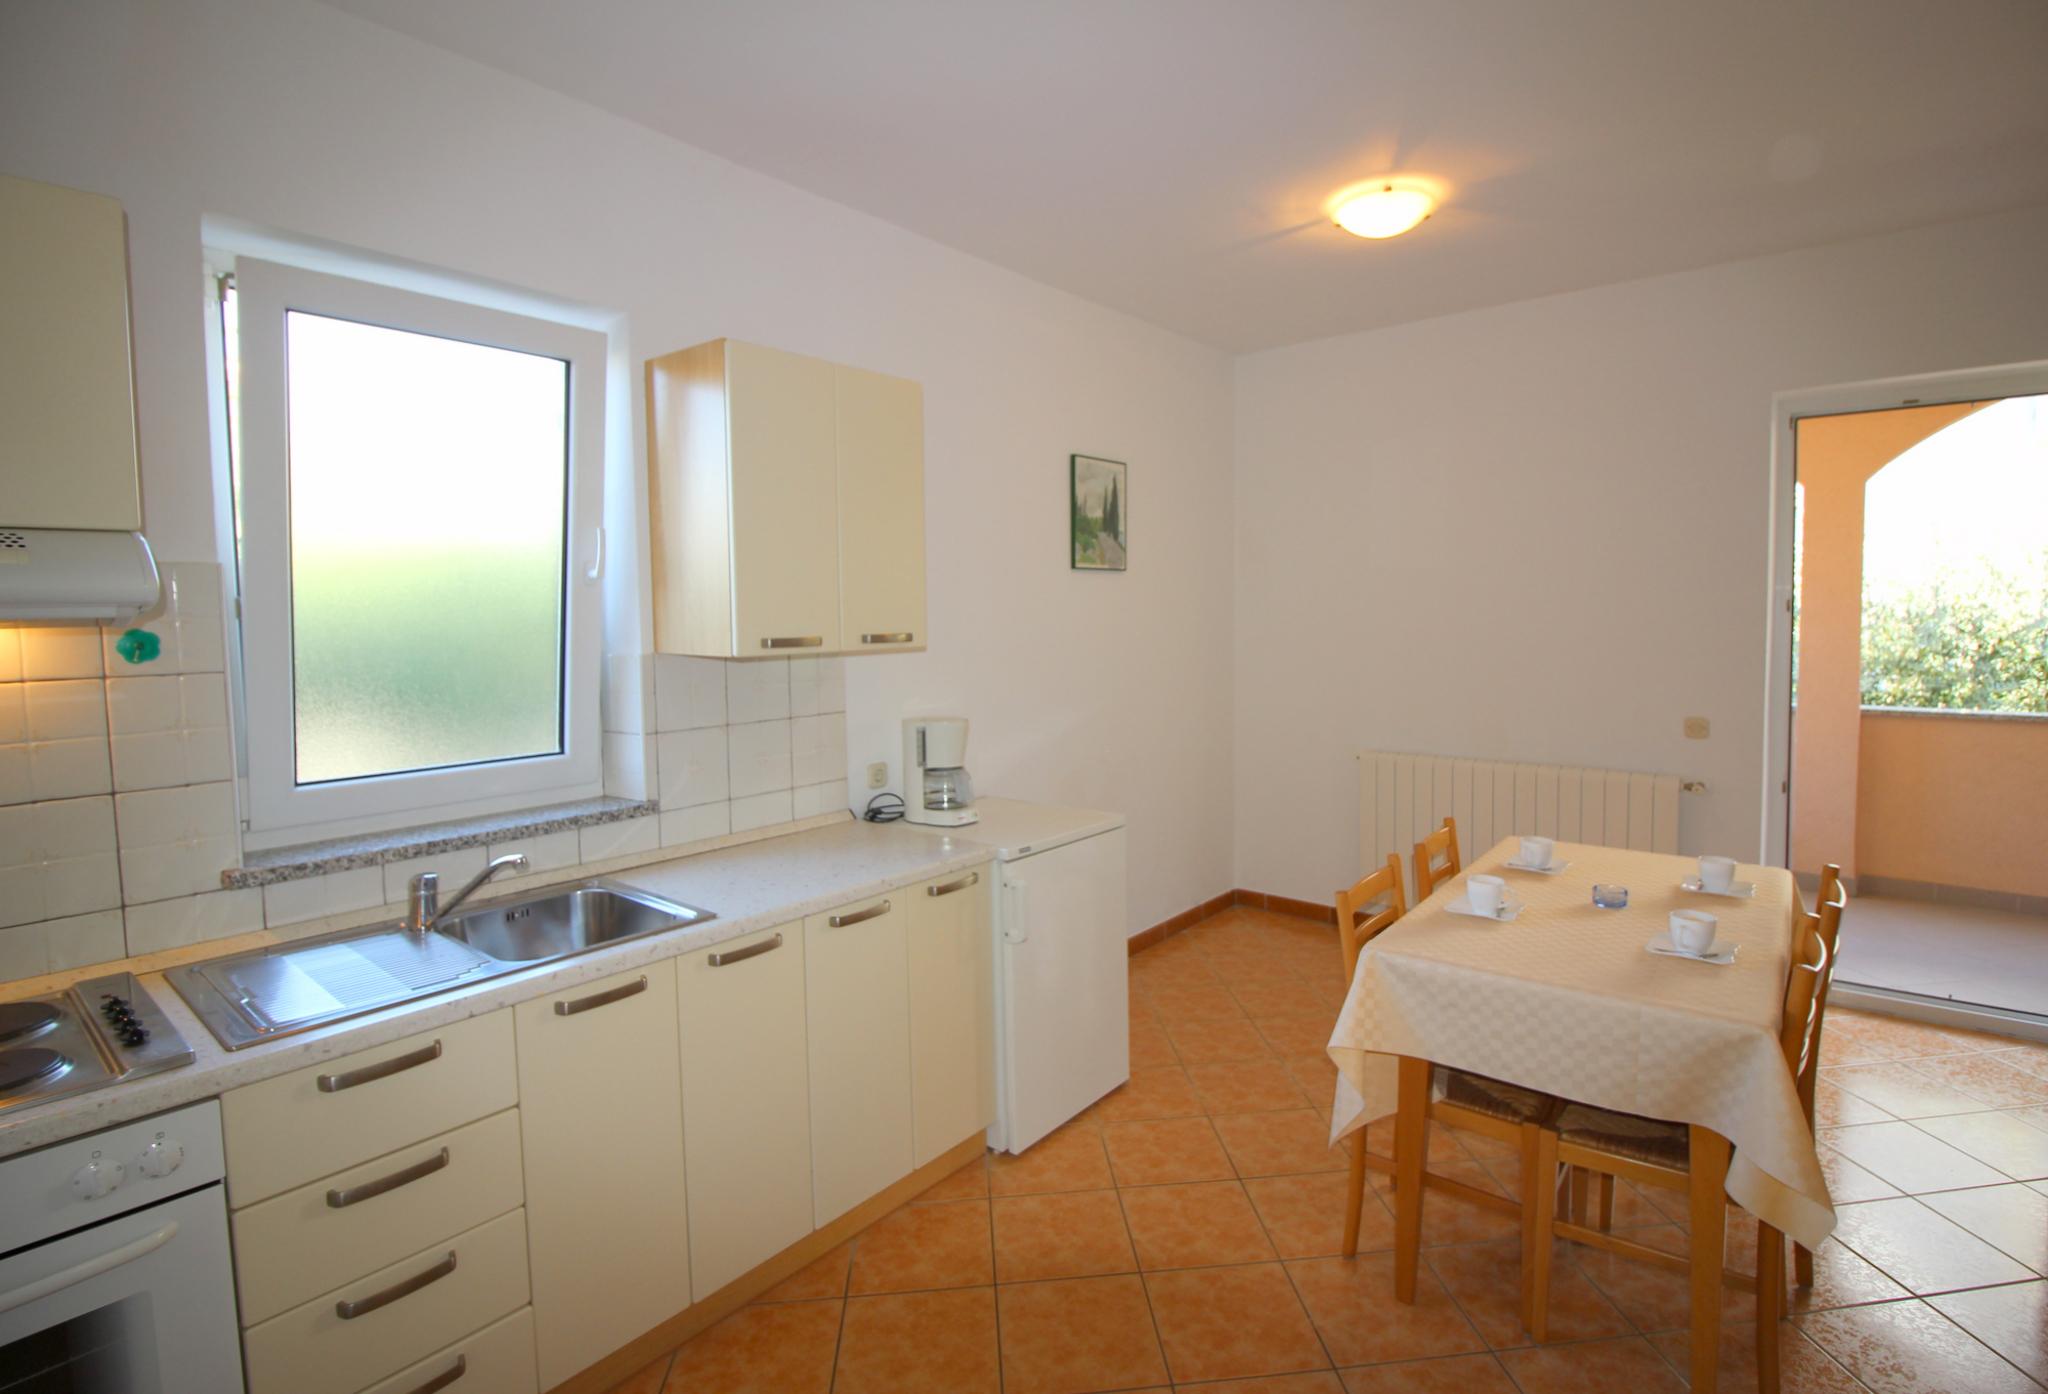 Ferienwohnung in ruhiger Lage (280275), Porec, , Istrien, Kroatien, Bild 6